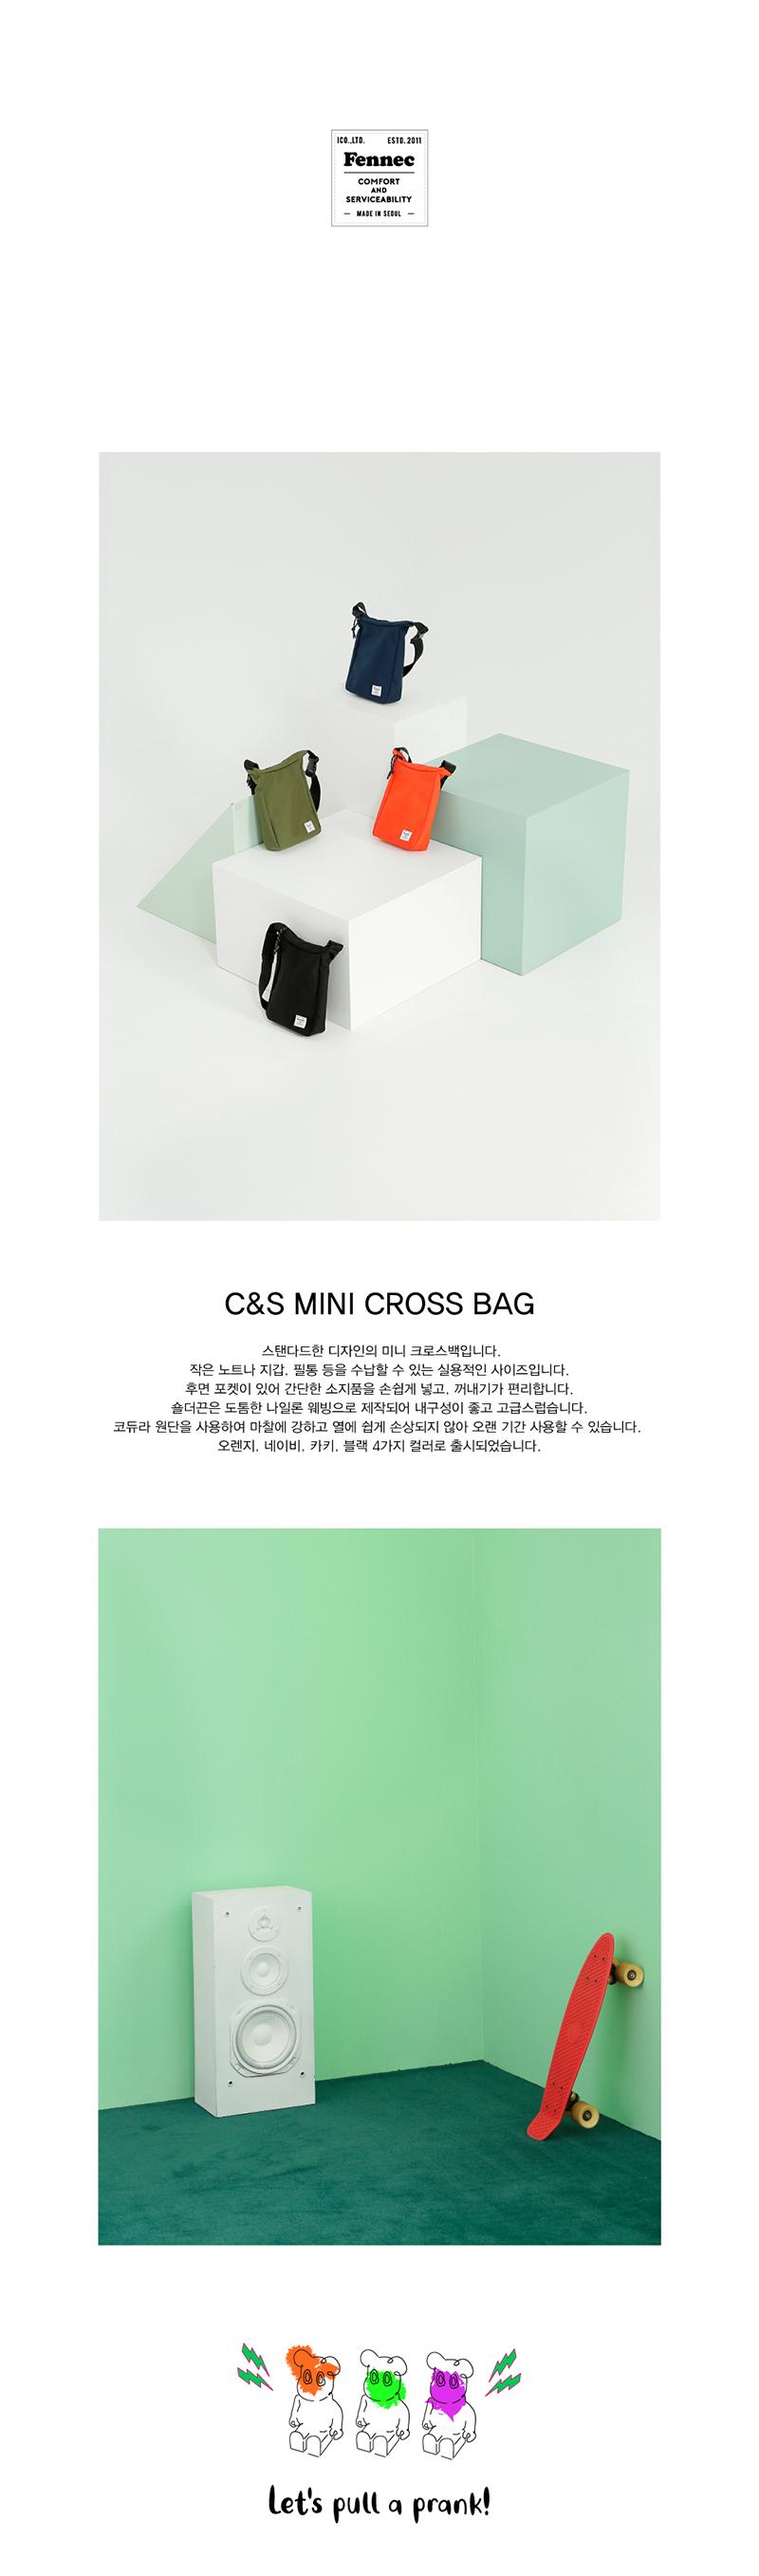 텐텐_MINI-CROSS-BAG_01.jpg